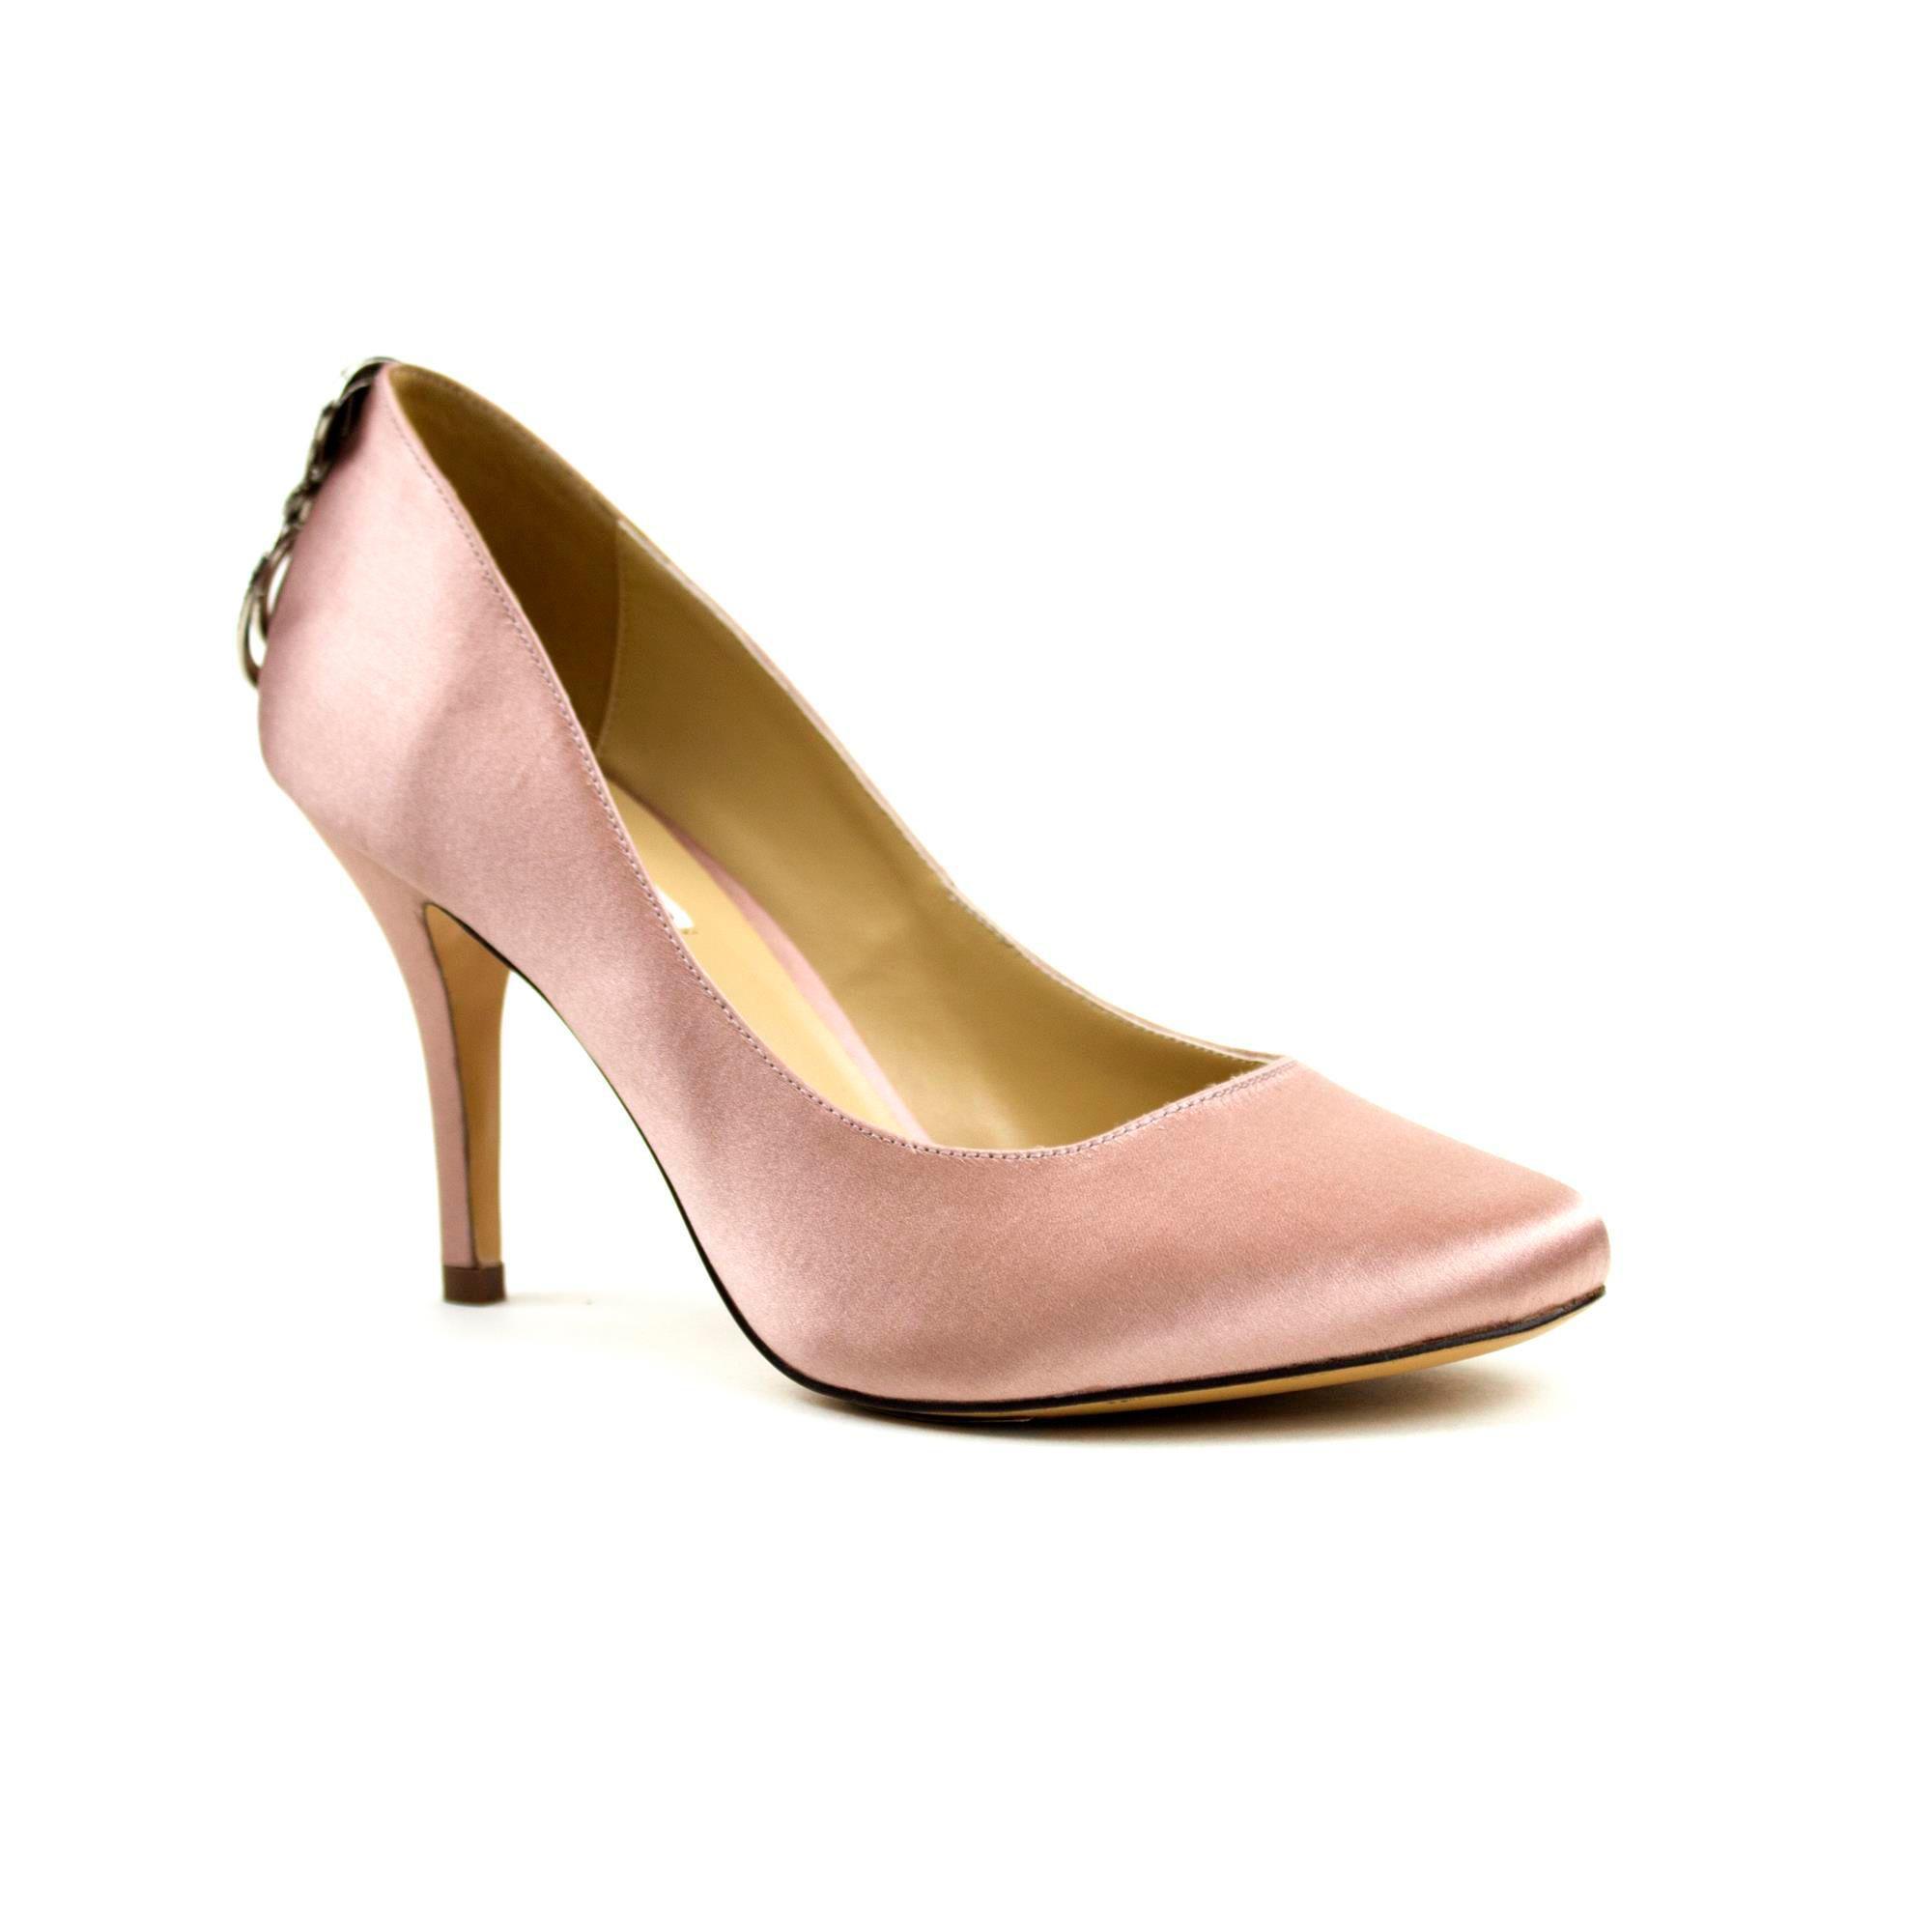 Benjamin Adams Shoes Uk